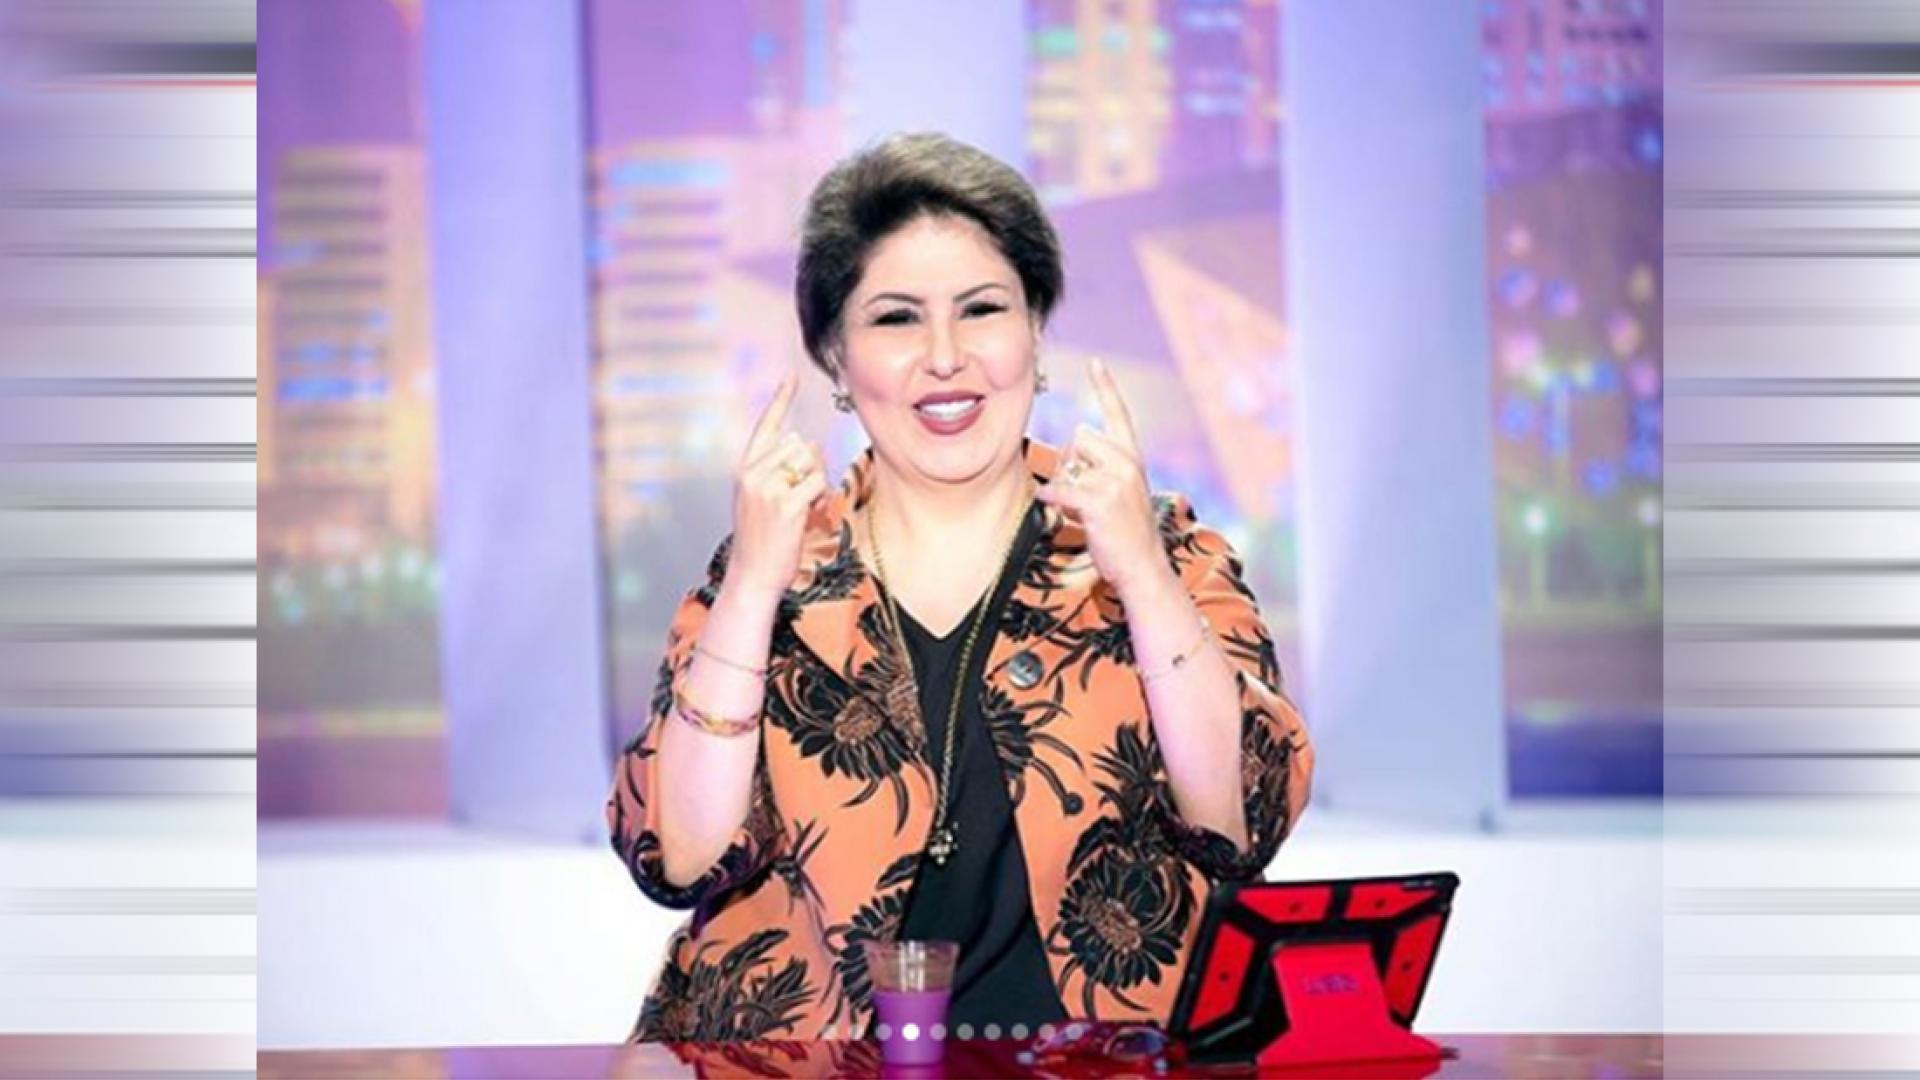 بعد إثارتها ضجة بدعواتها للتطبيع.. الكويتية فجر السعيد بمقابلة على قناة إسرائيلية وهذا ما قالته